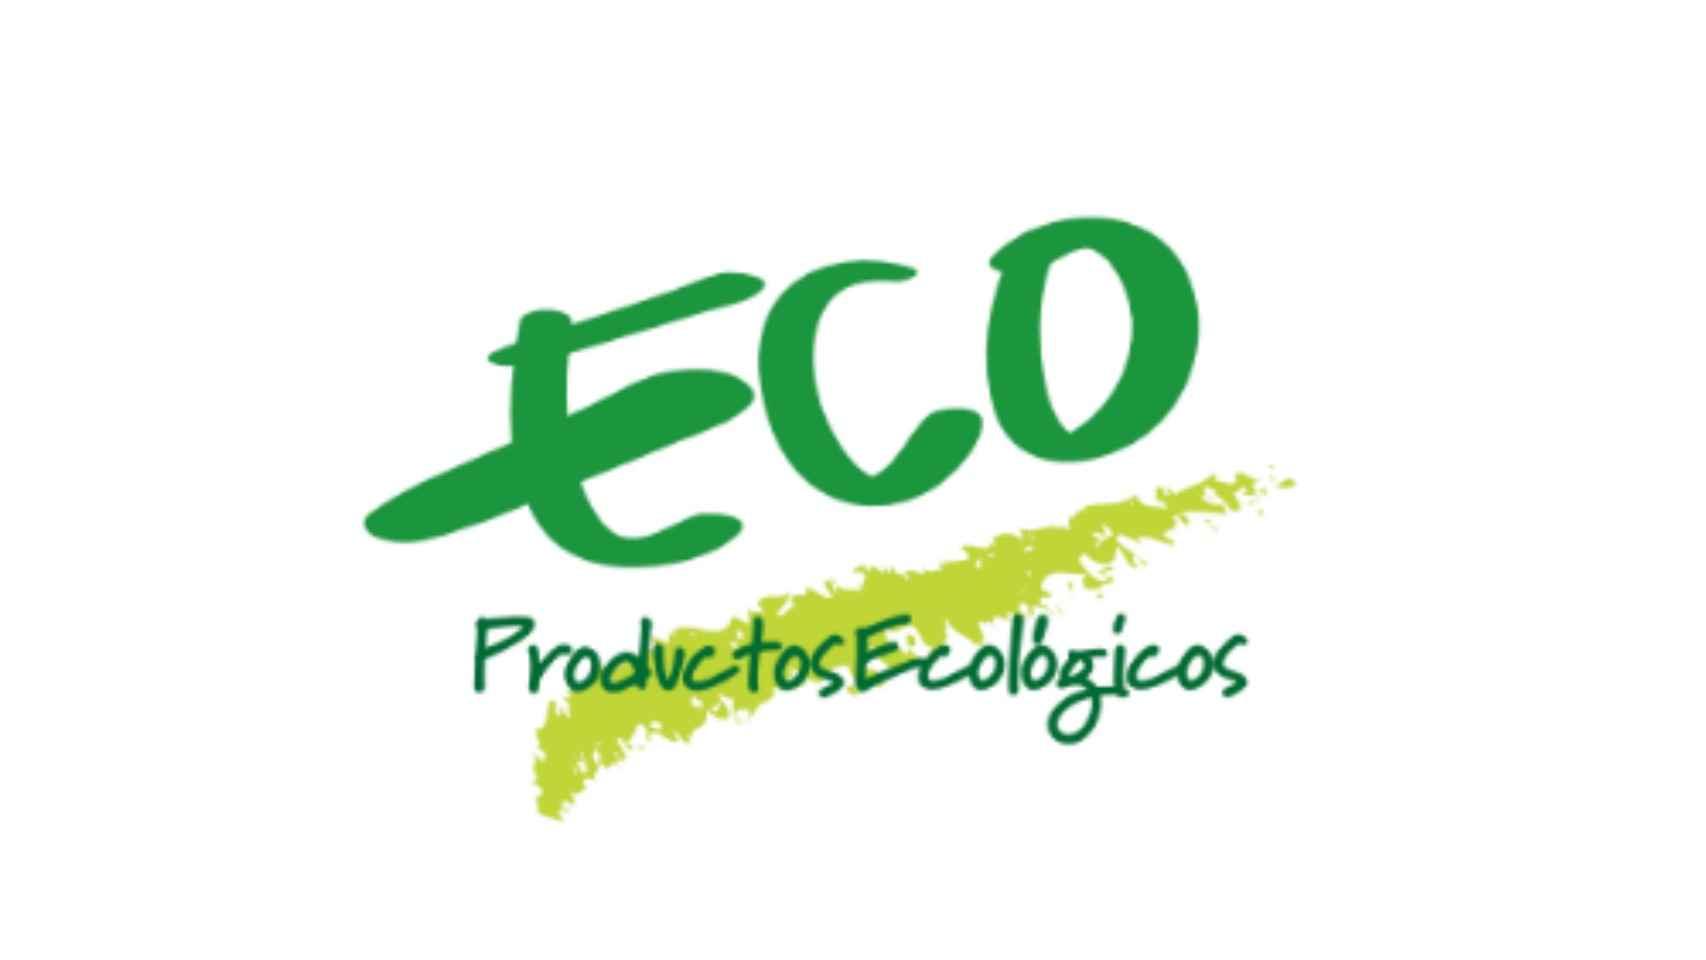 Etiqueta distintiva de alimentos ecológicos en la web de El Corte Inglés